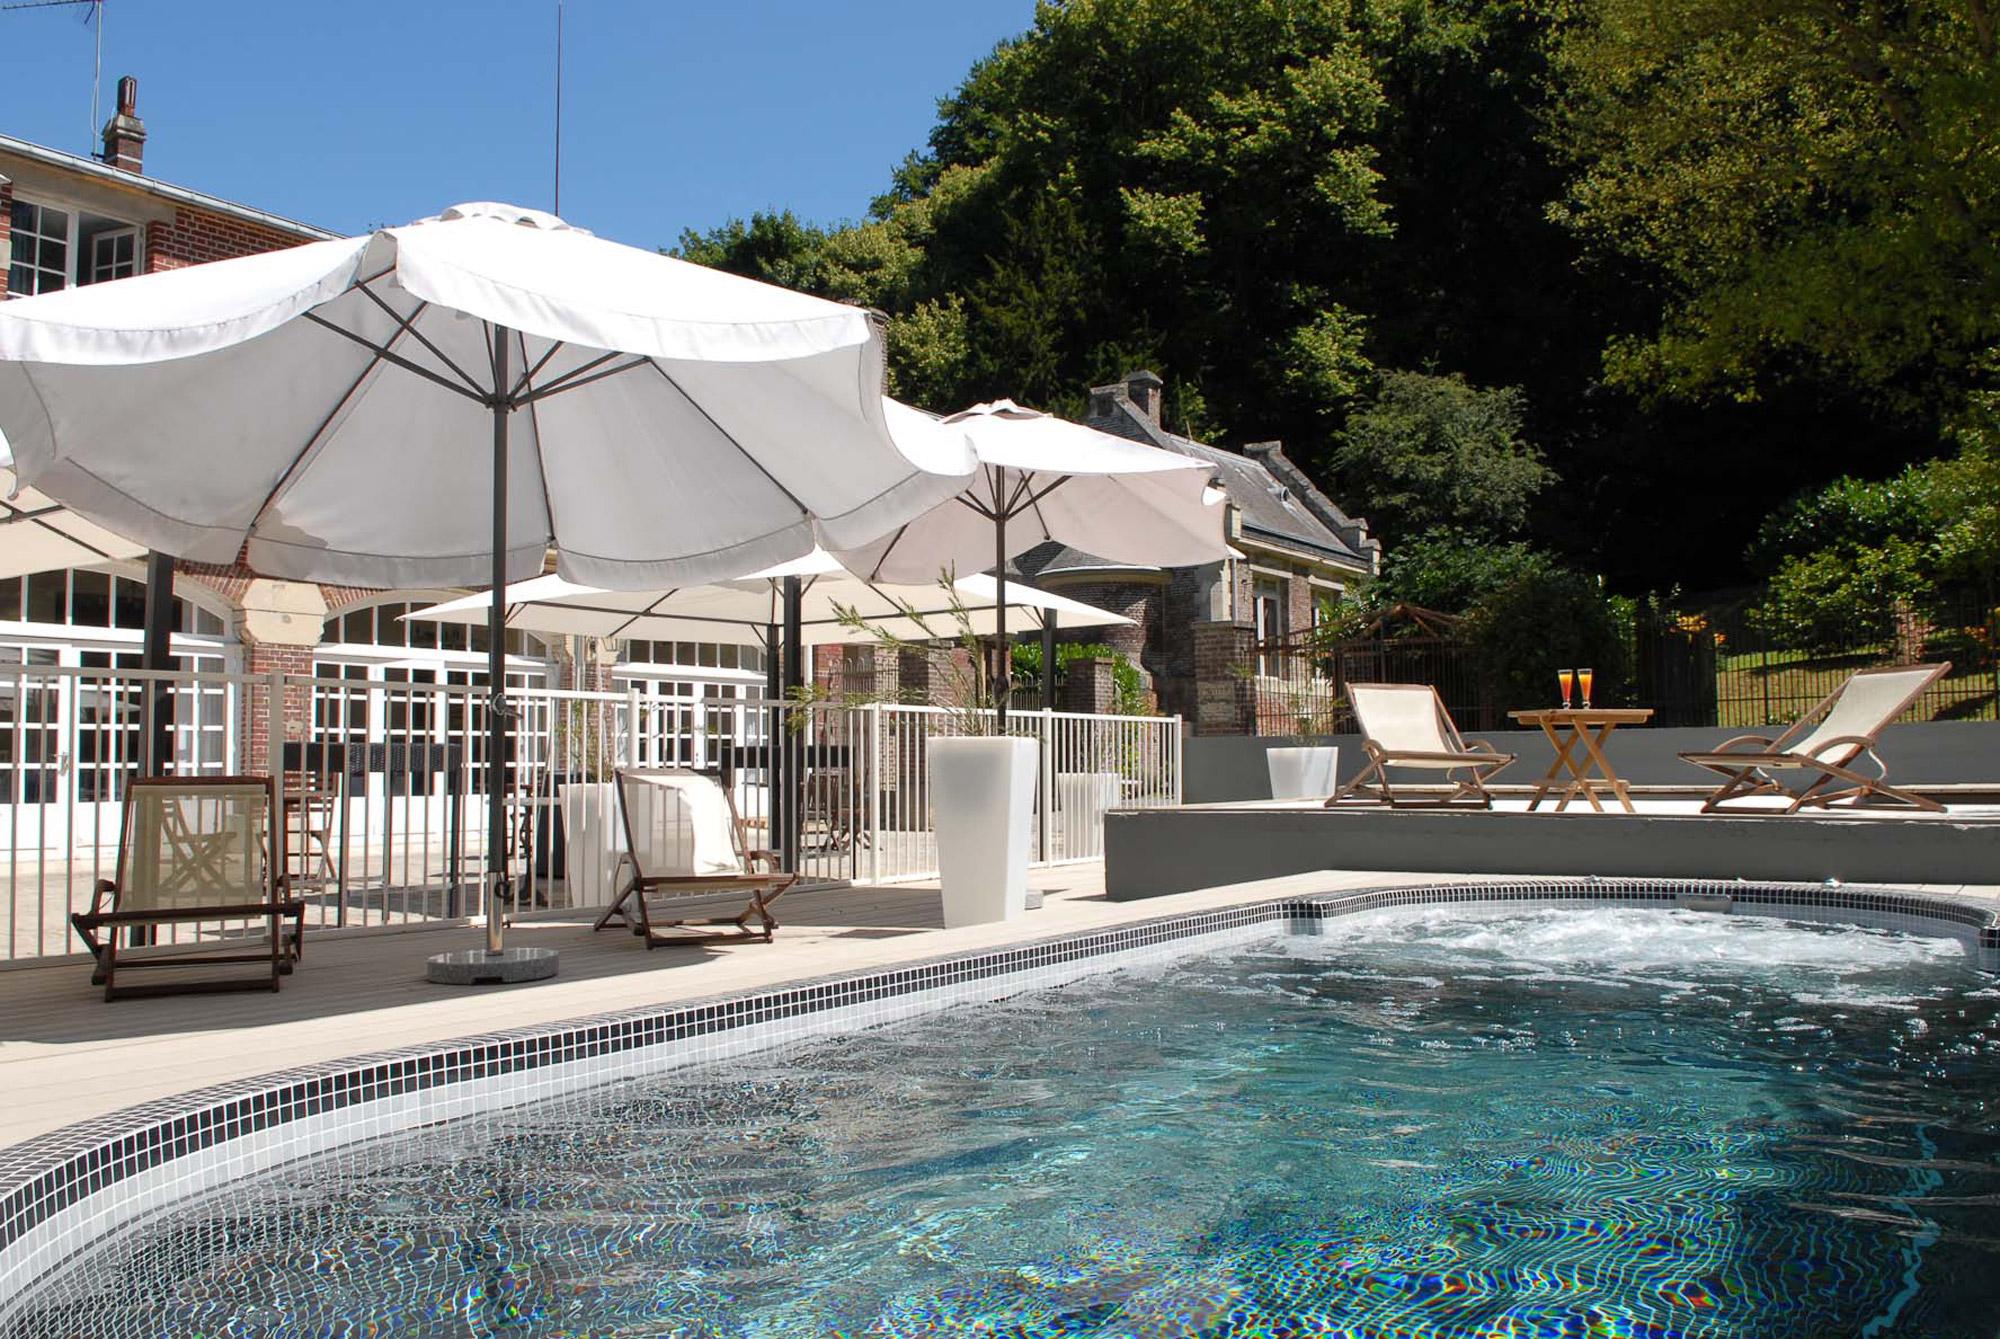 Piscine extérieure pendant l'été, avec transats et cocktails, au Domaine de Joinville & Spa en Normandie